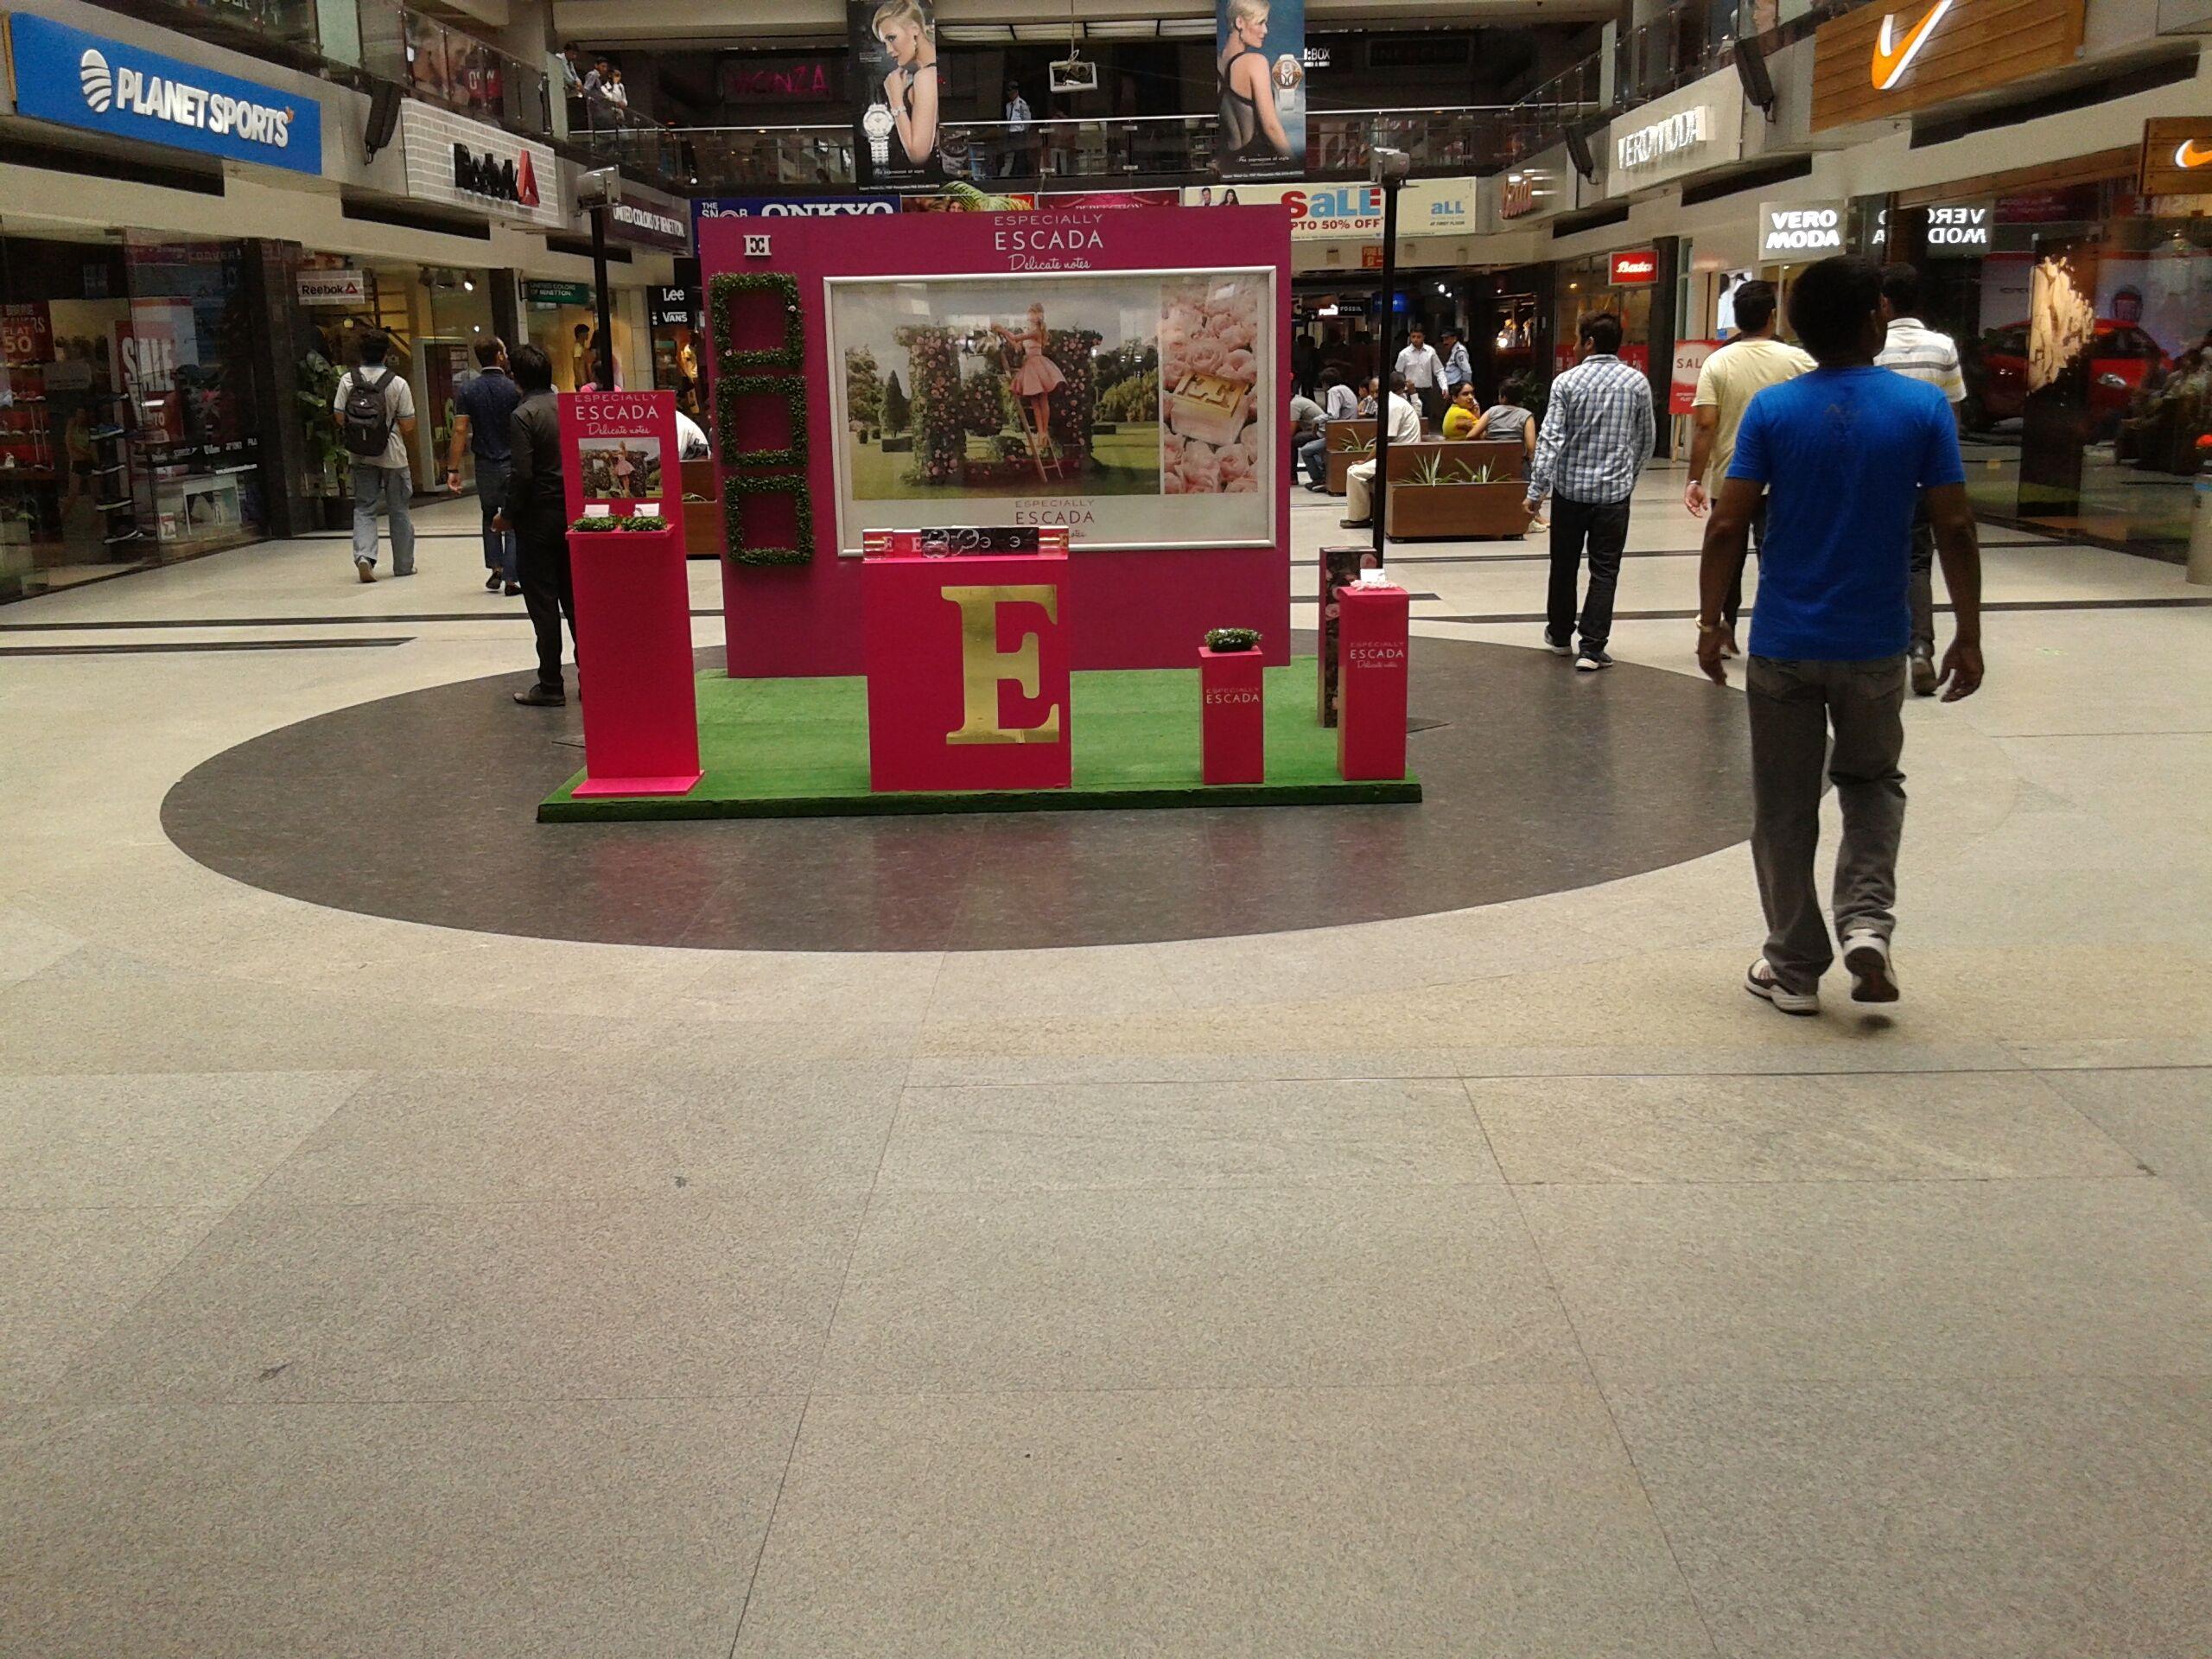 Esacda Mall Setup